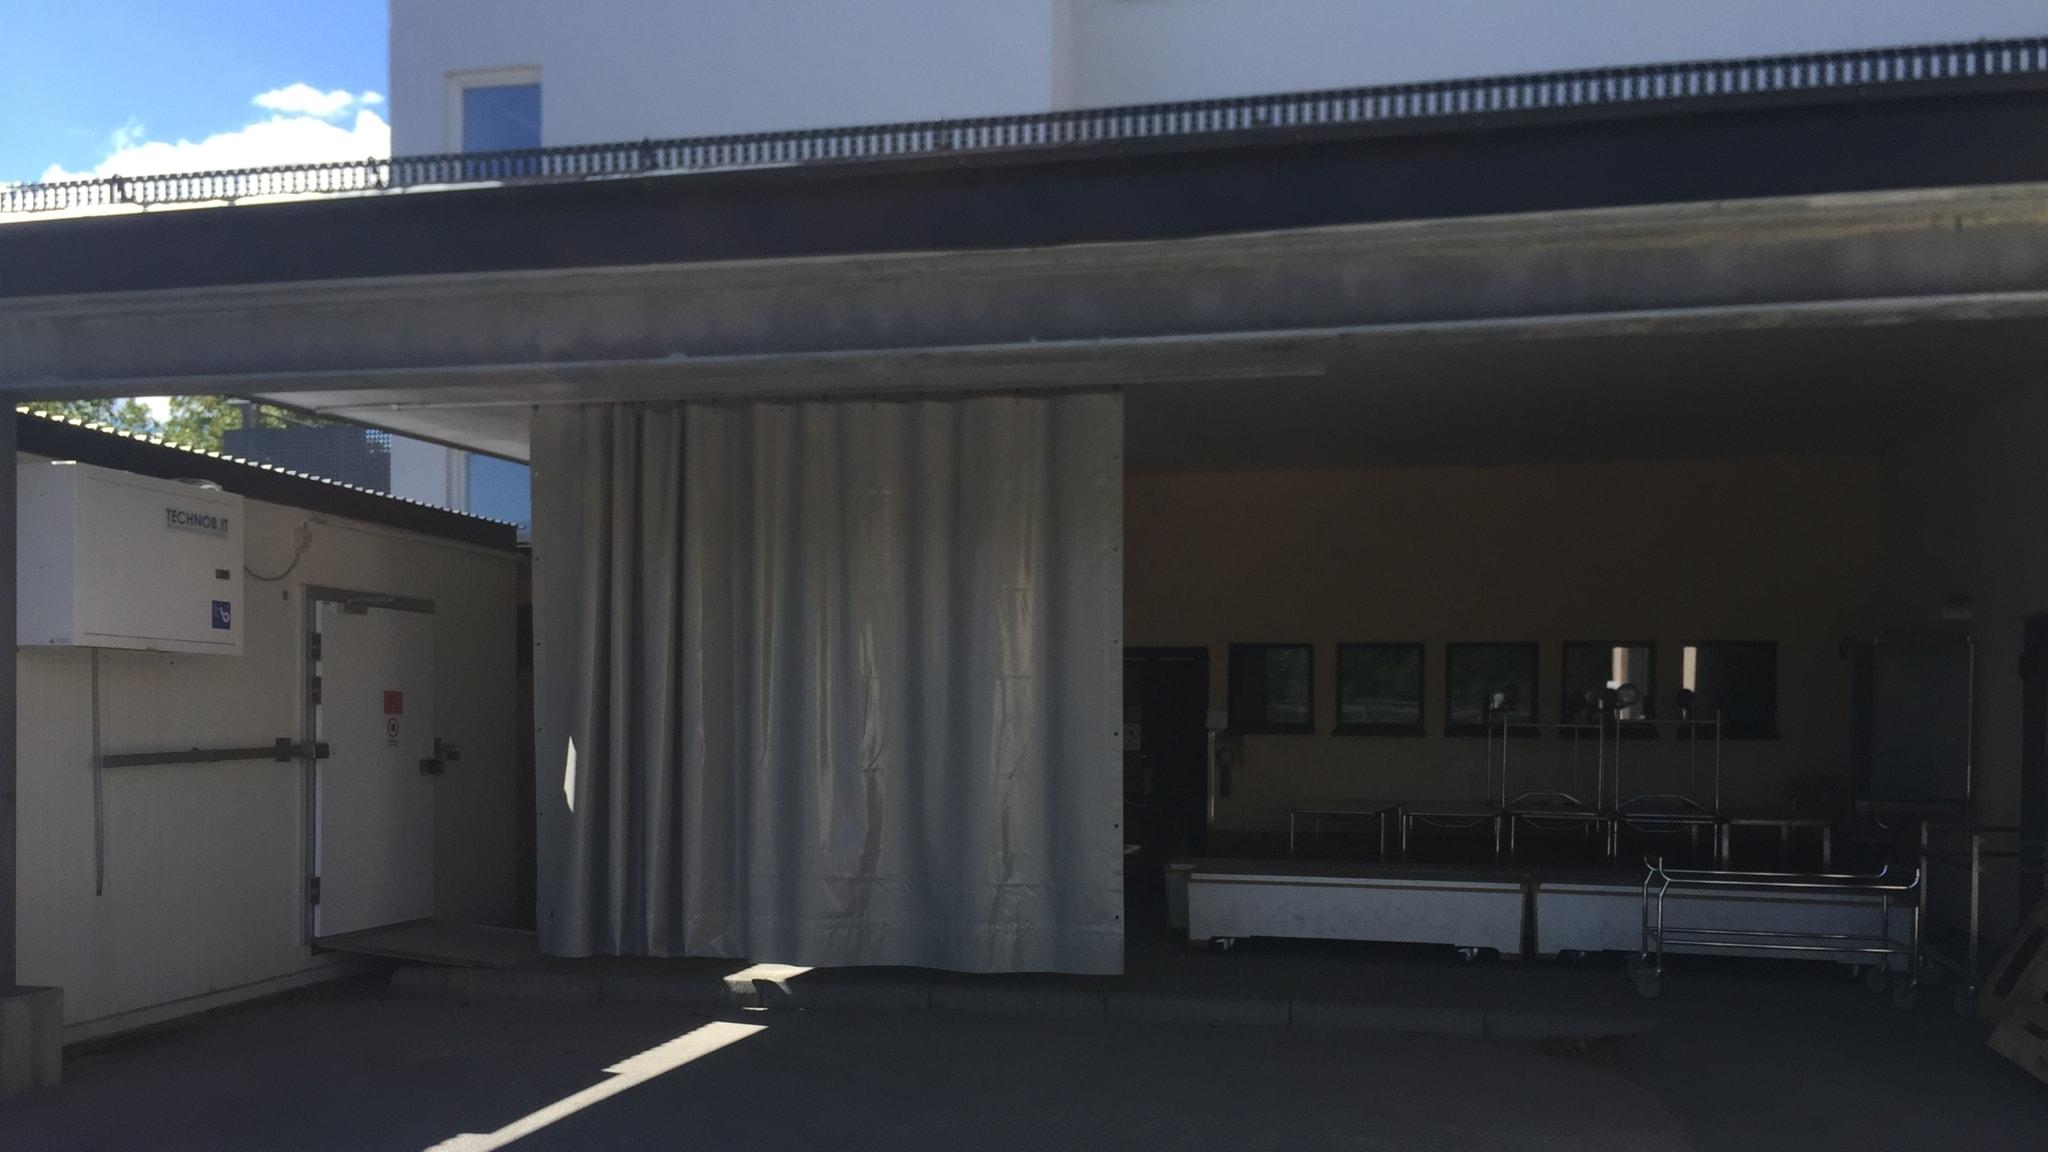 UNT spred bilden att bårhus förvarade kroppar på lastkaj, nätjättar i USA agerar mot hatiskt innehåll och Ebbe Carlsson-affären 1988